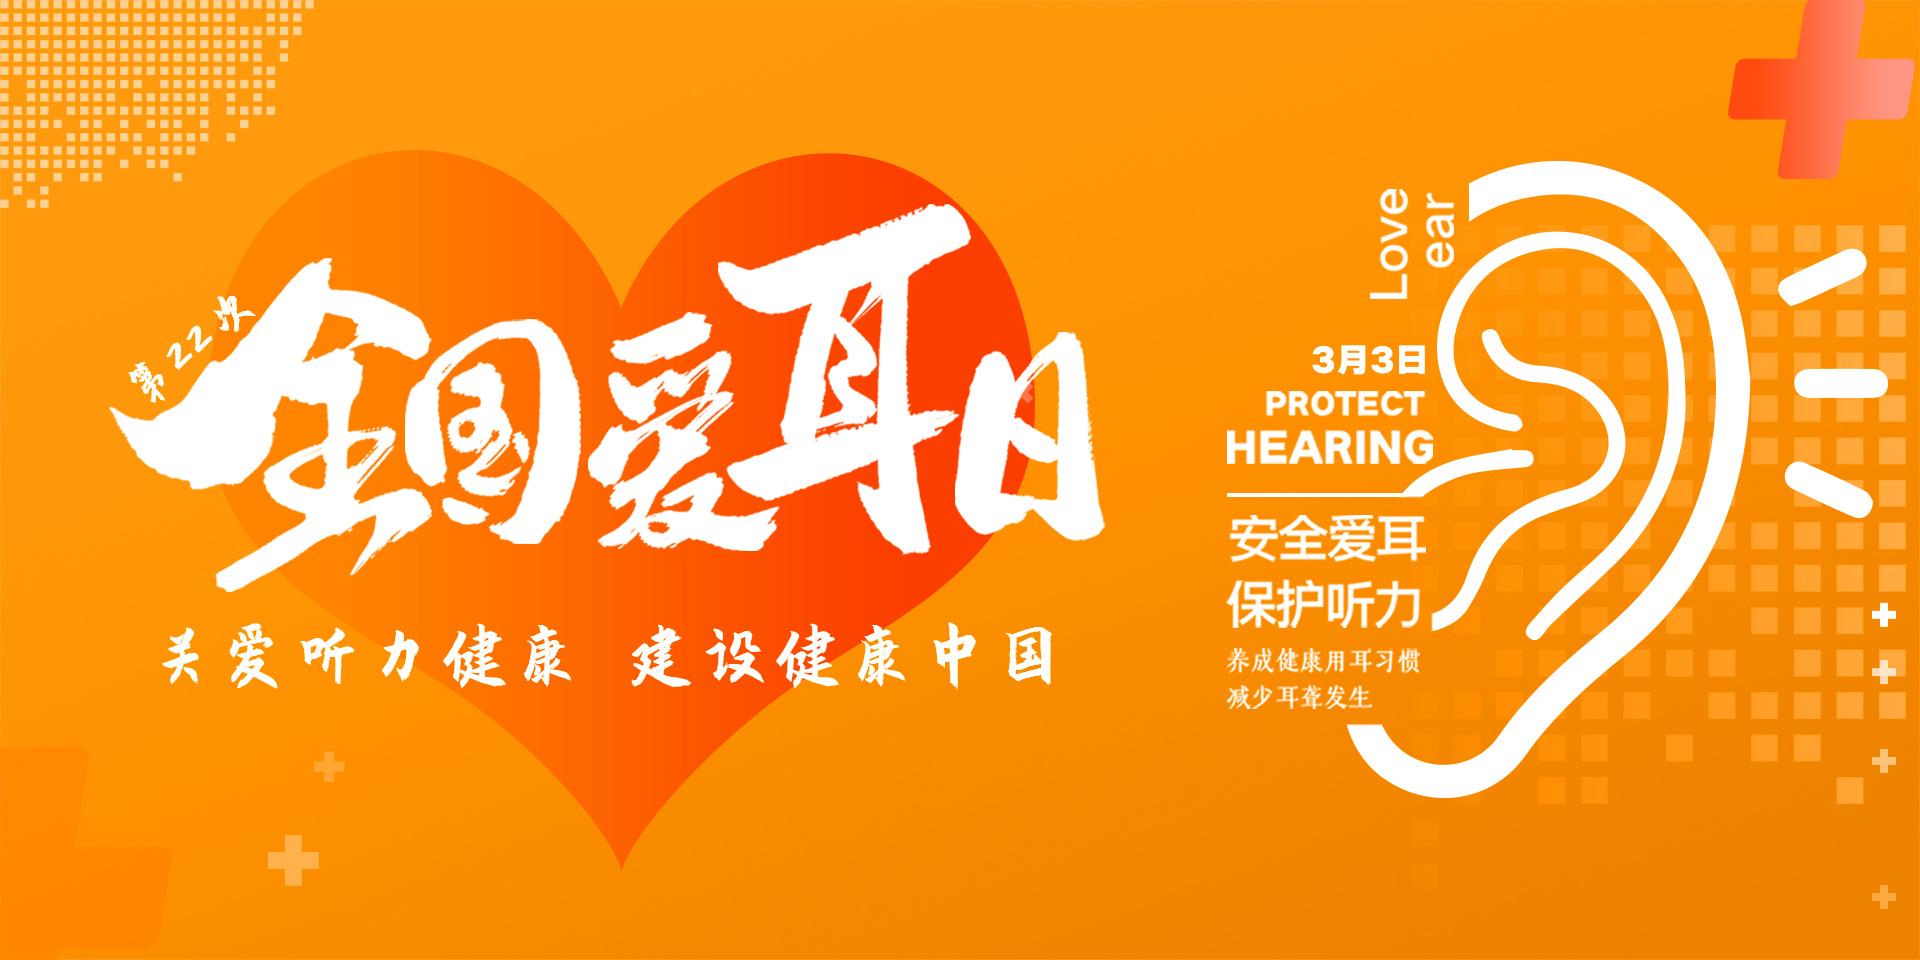 關愛聽力健康,建設健康中國——人人享有聽力健康